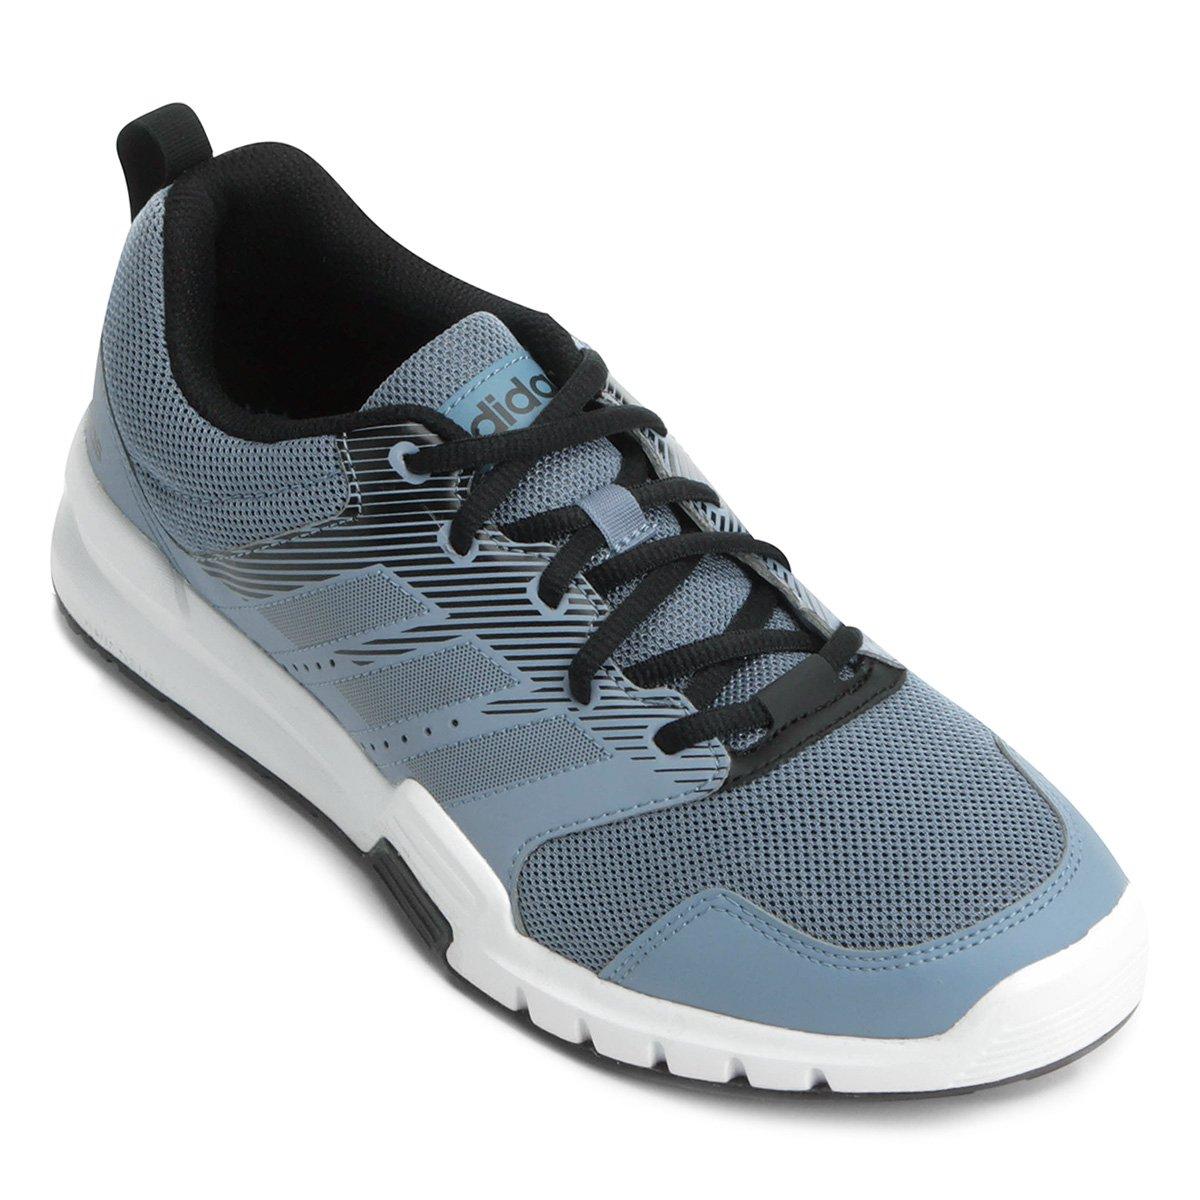 60f6844abd7 Tênis Adidas Essential Star 3 Masculino - Compre Agora